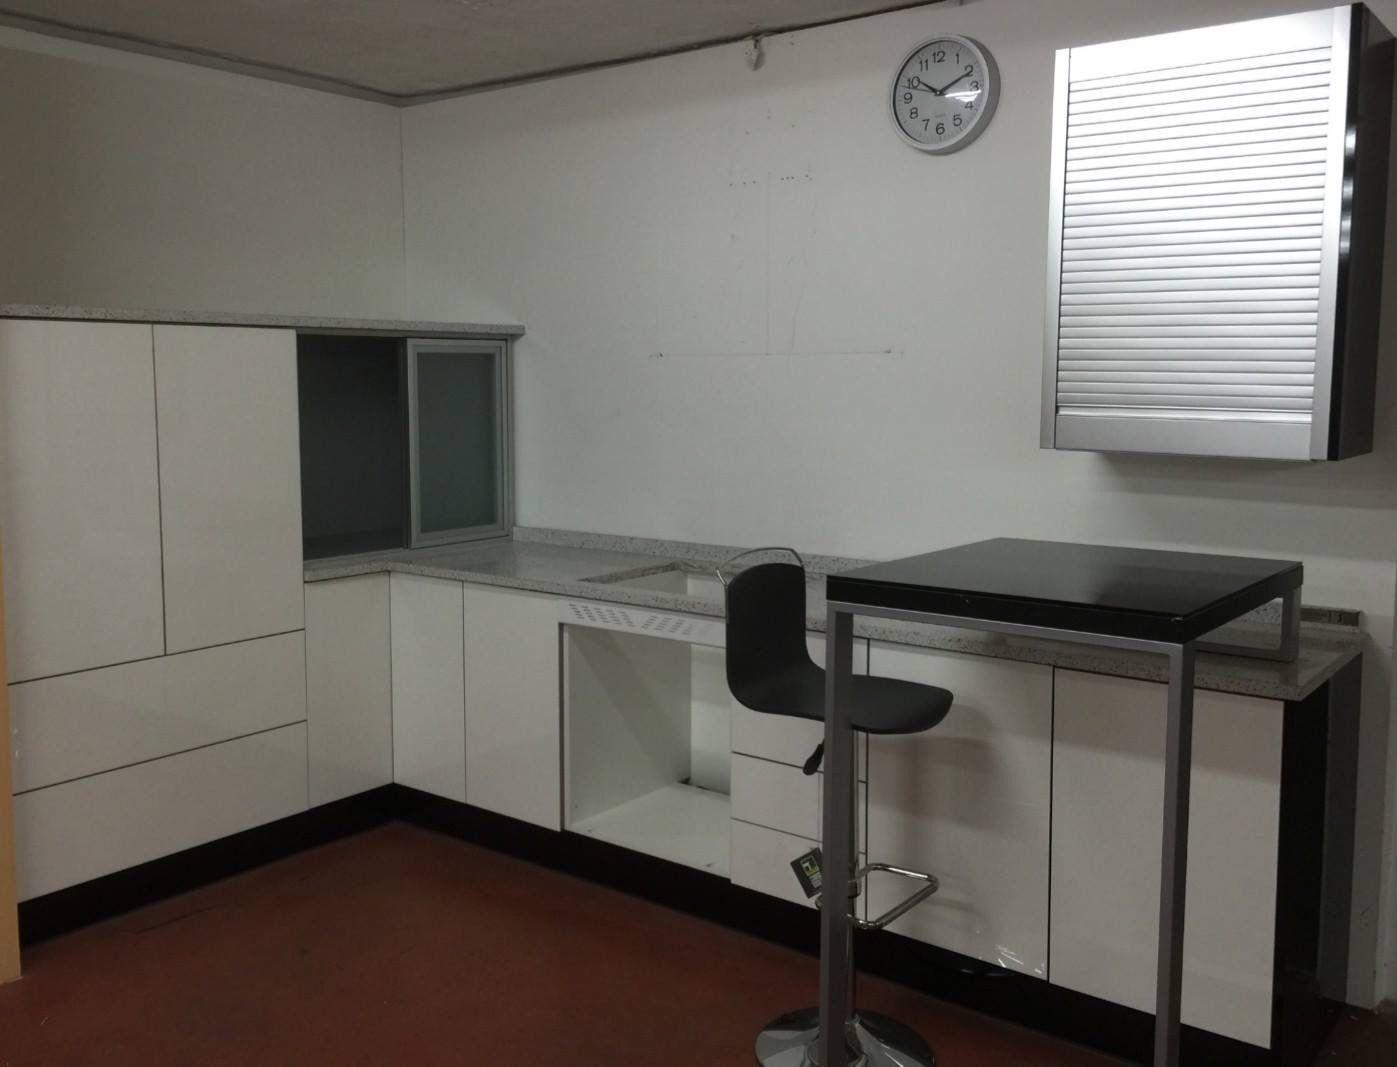 Megaliquidacion muebles de cocina luxe brillo blanco 799 for Cocinas solo muebles bajos